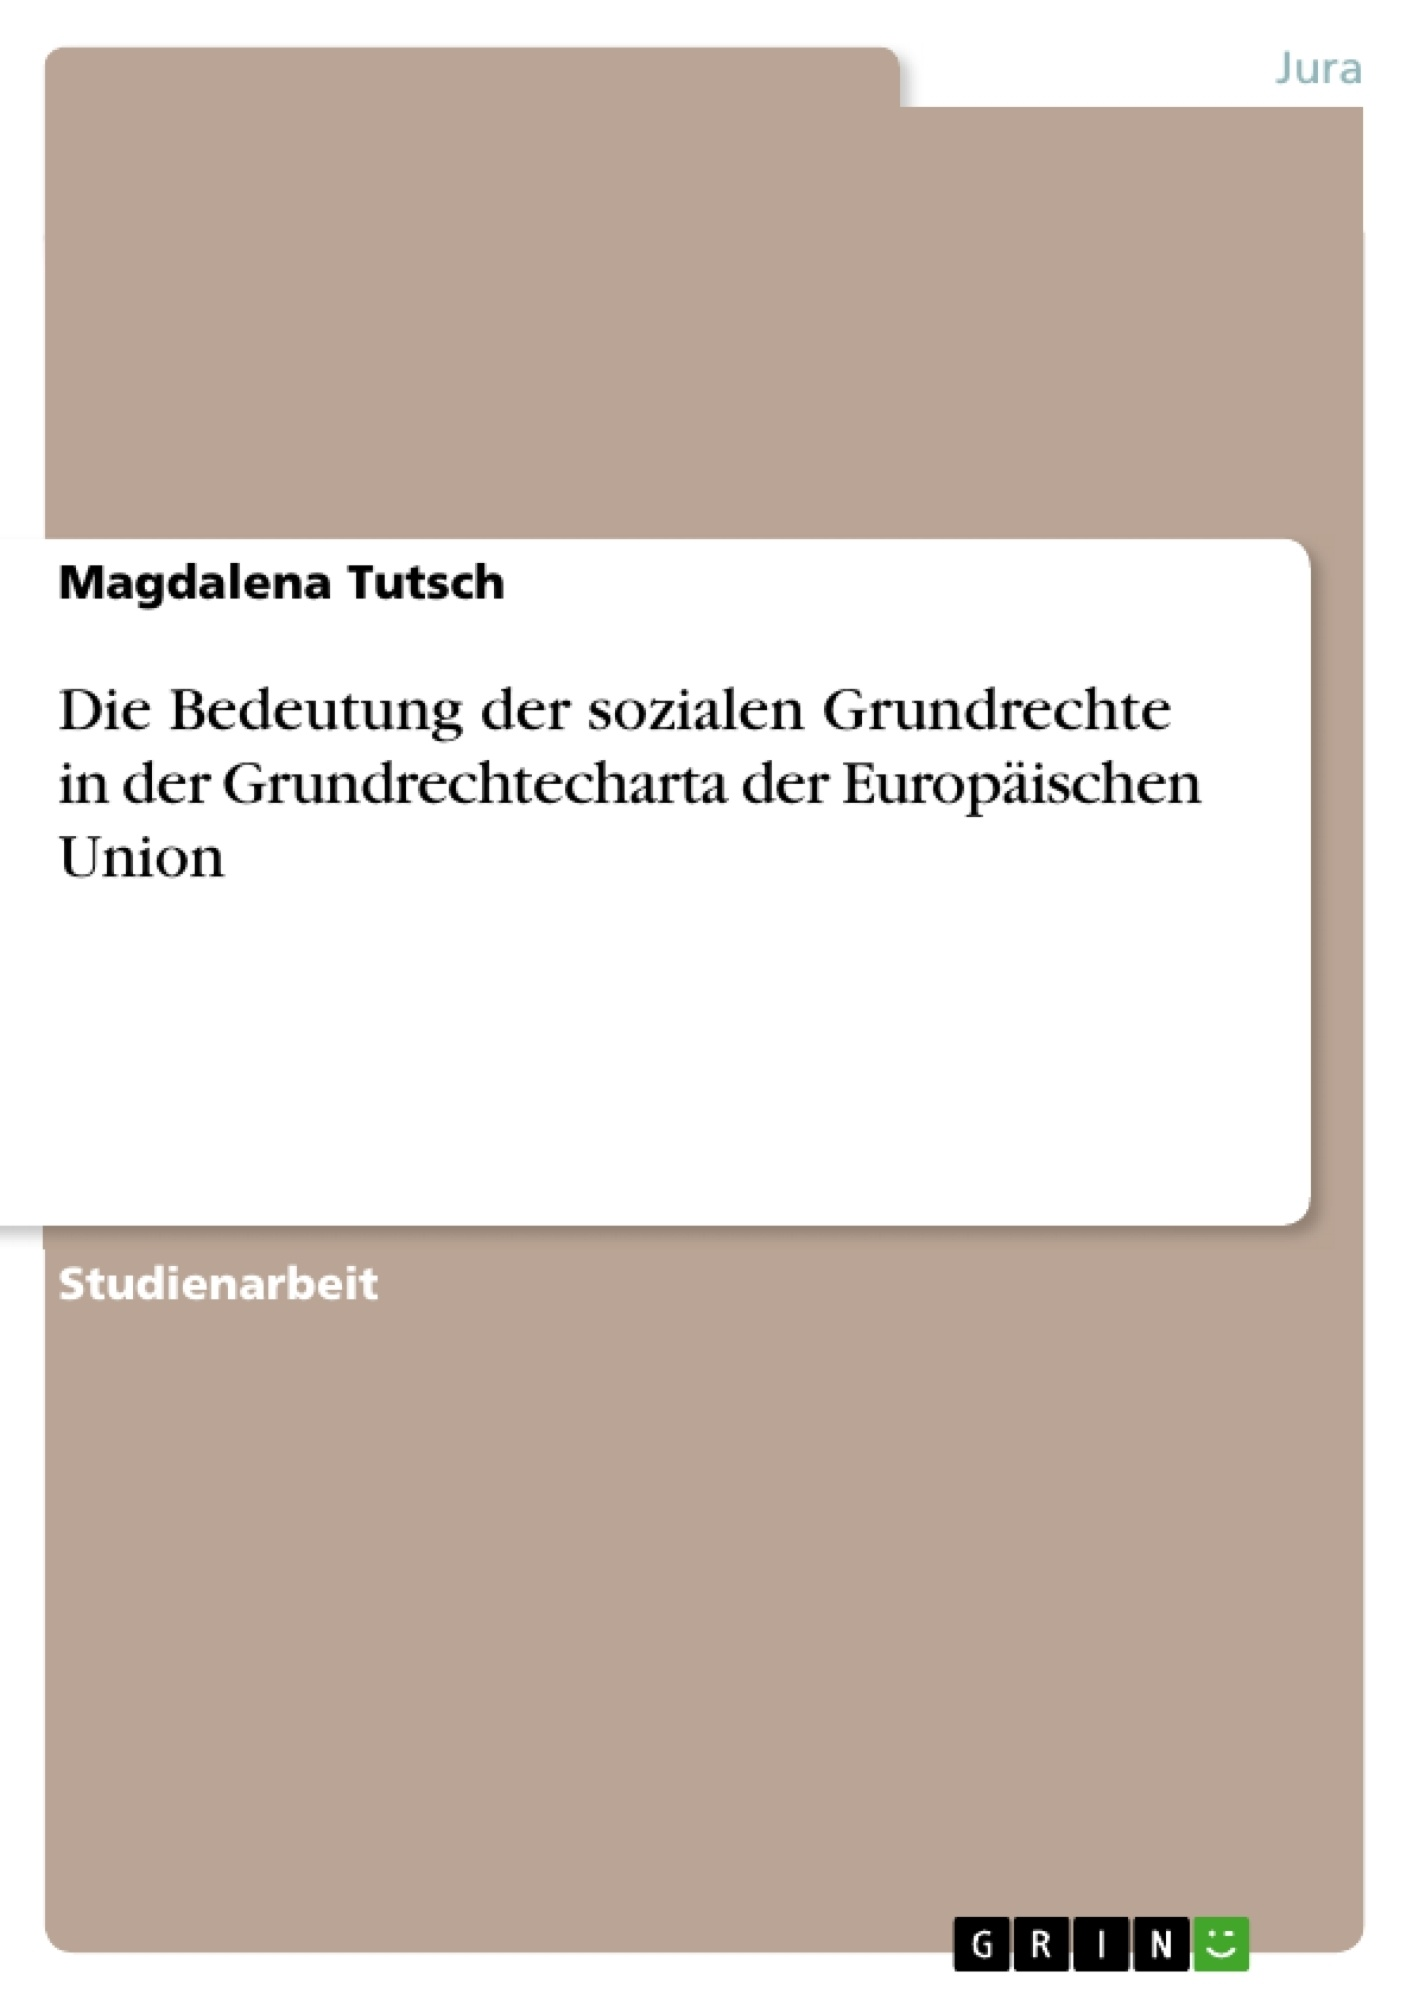 Titel: Die Bedeutung der sozialen Grundrechte in der Grundrechtecharta der Europäischen Union